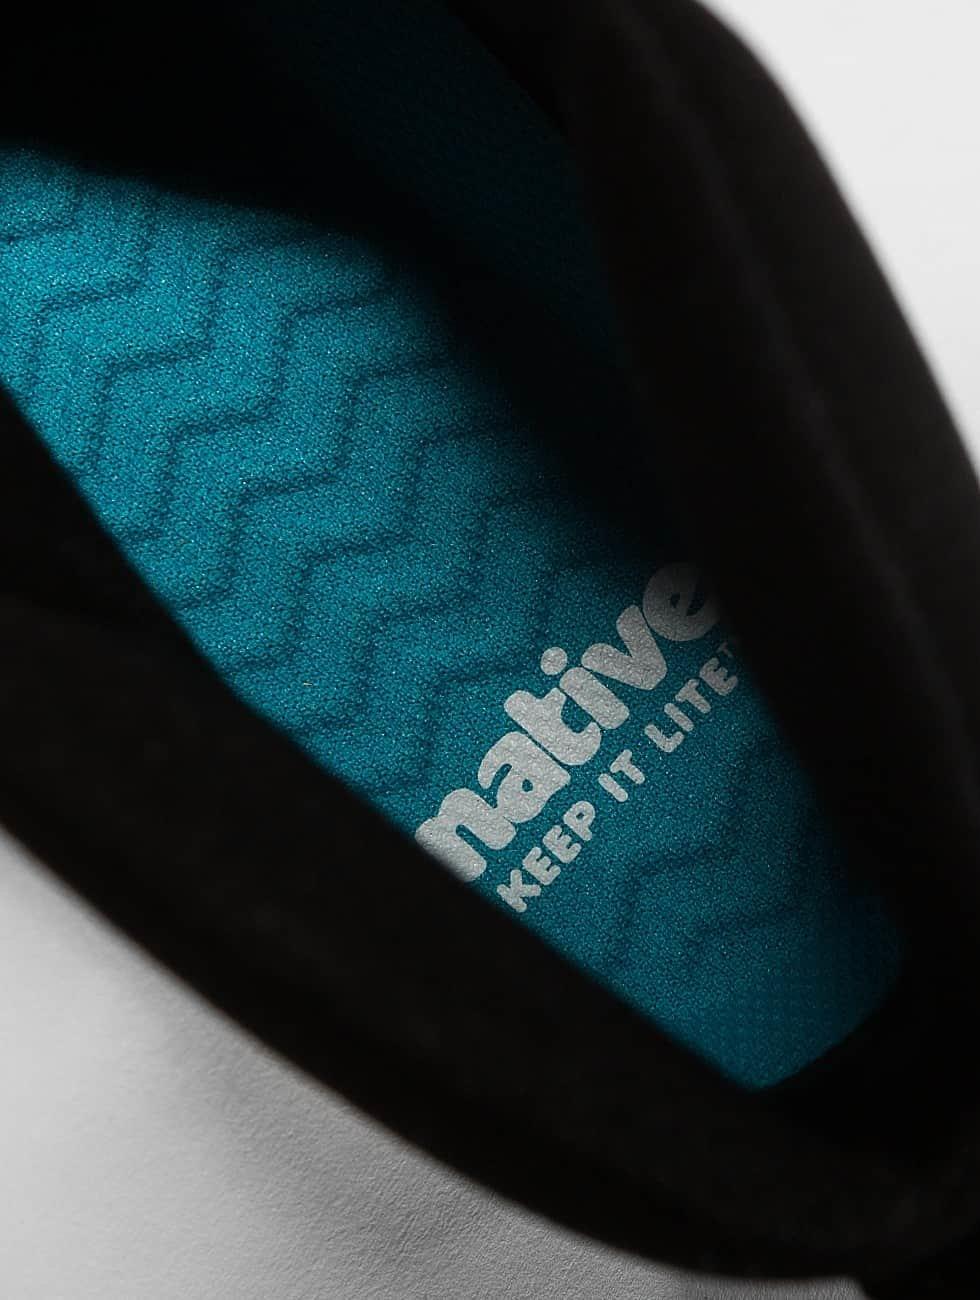 Native schoen / Boots AP Apex CT in grijs 379204 Amazon Goedkope Prijs Voor Sfeervolle Te Koop Outlet Discount Authentieke 6ptipaMdW